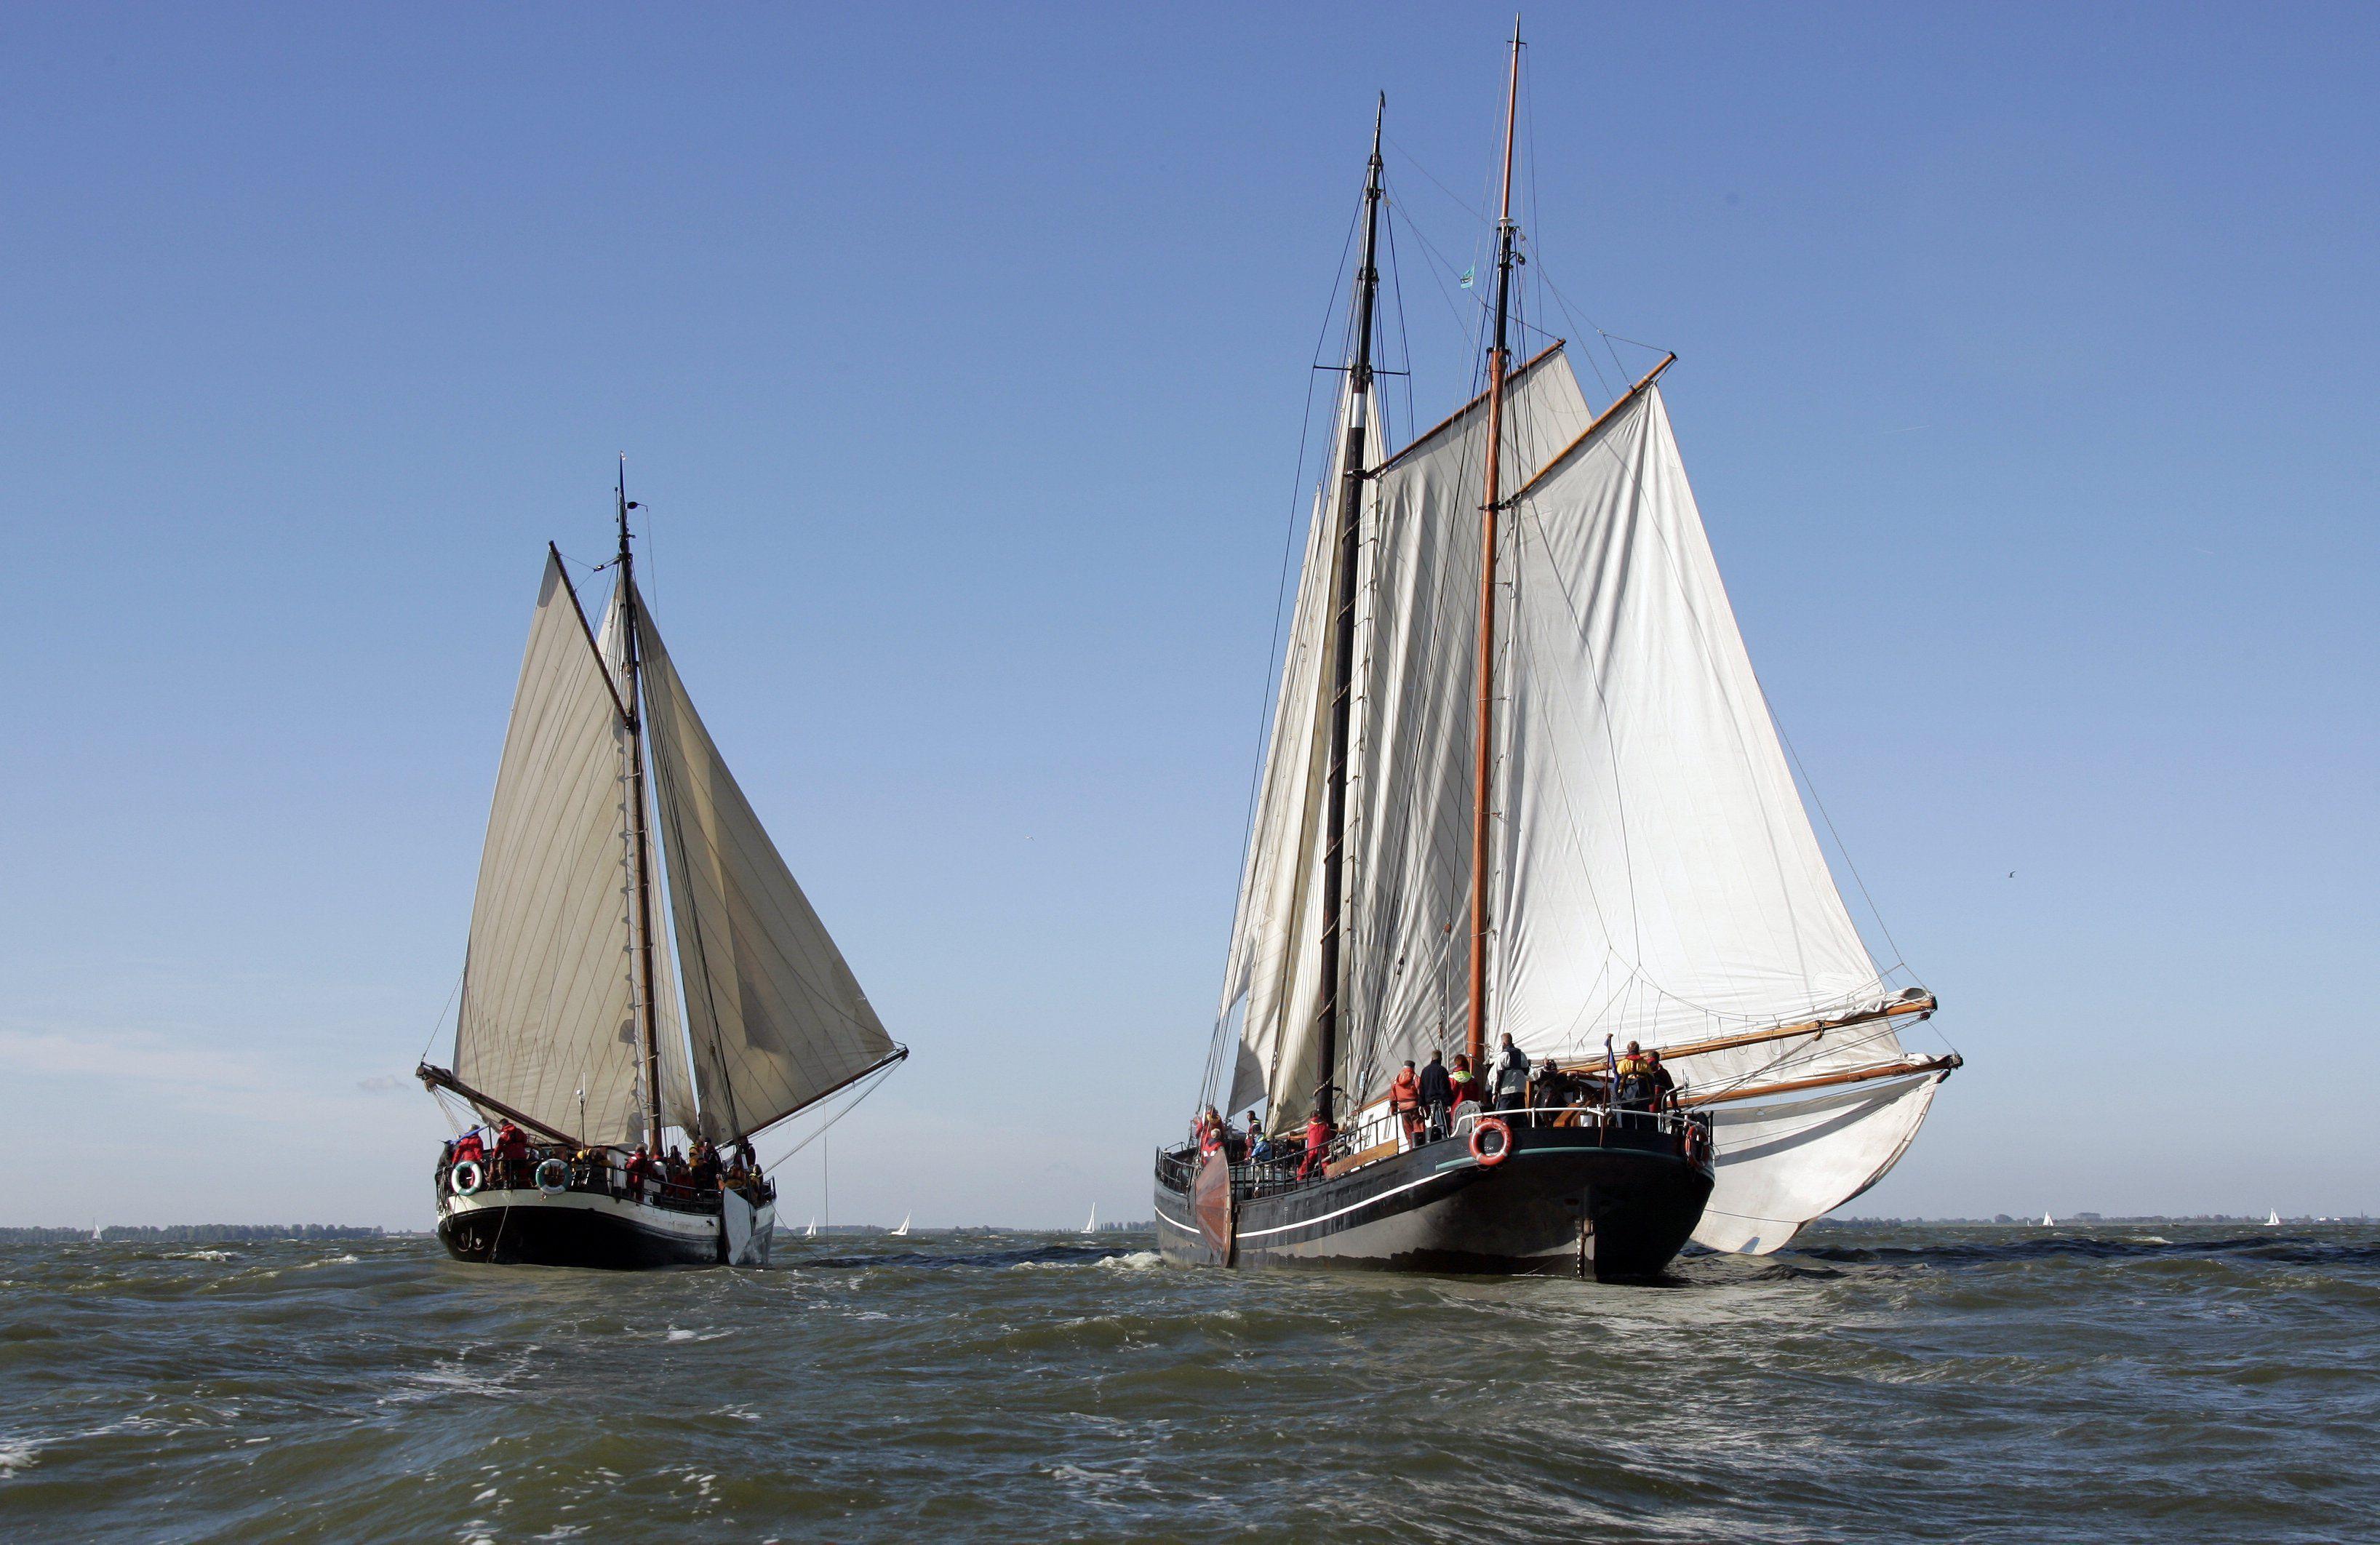 'We willen weer aan de slag met gasten' Financieringsfonds moet geteisterde bruine vloot lucht geven